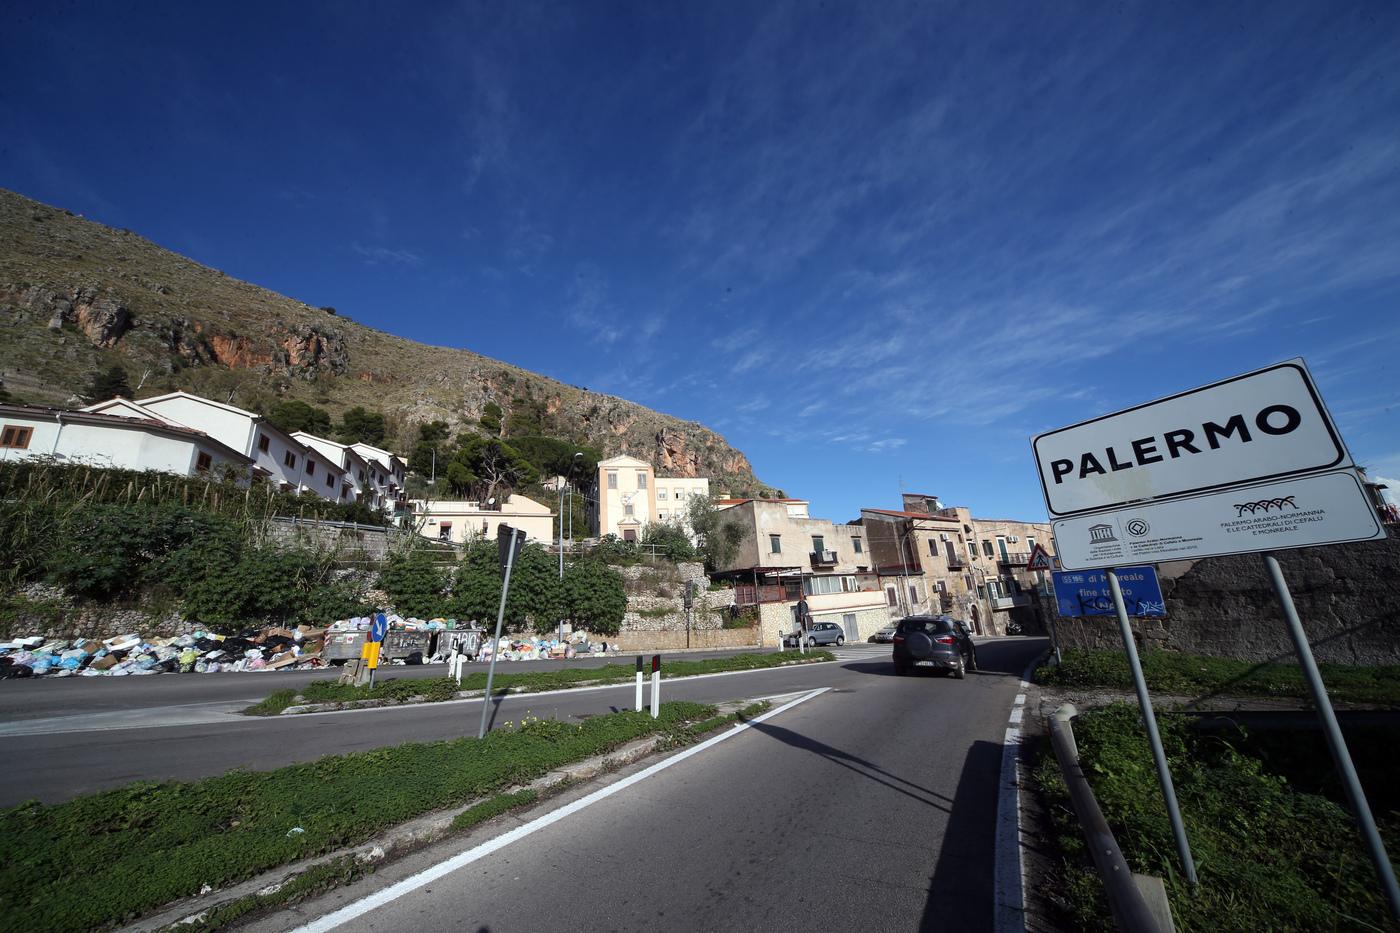 Palermo sommersa da rifiuti, tonnellate d'immondizia in strada